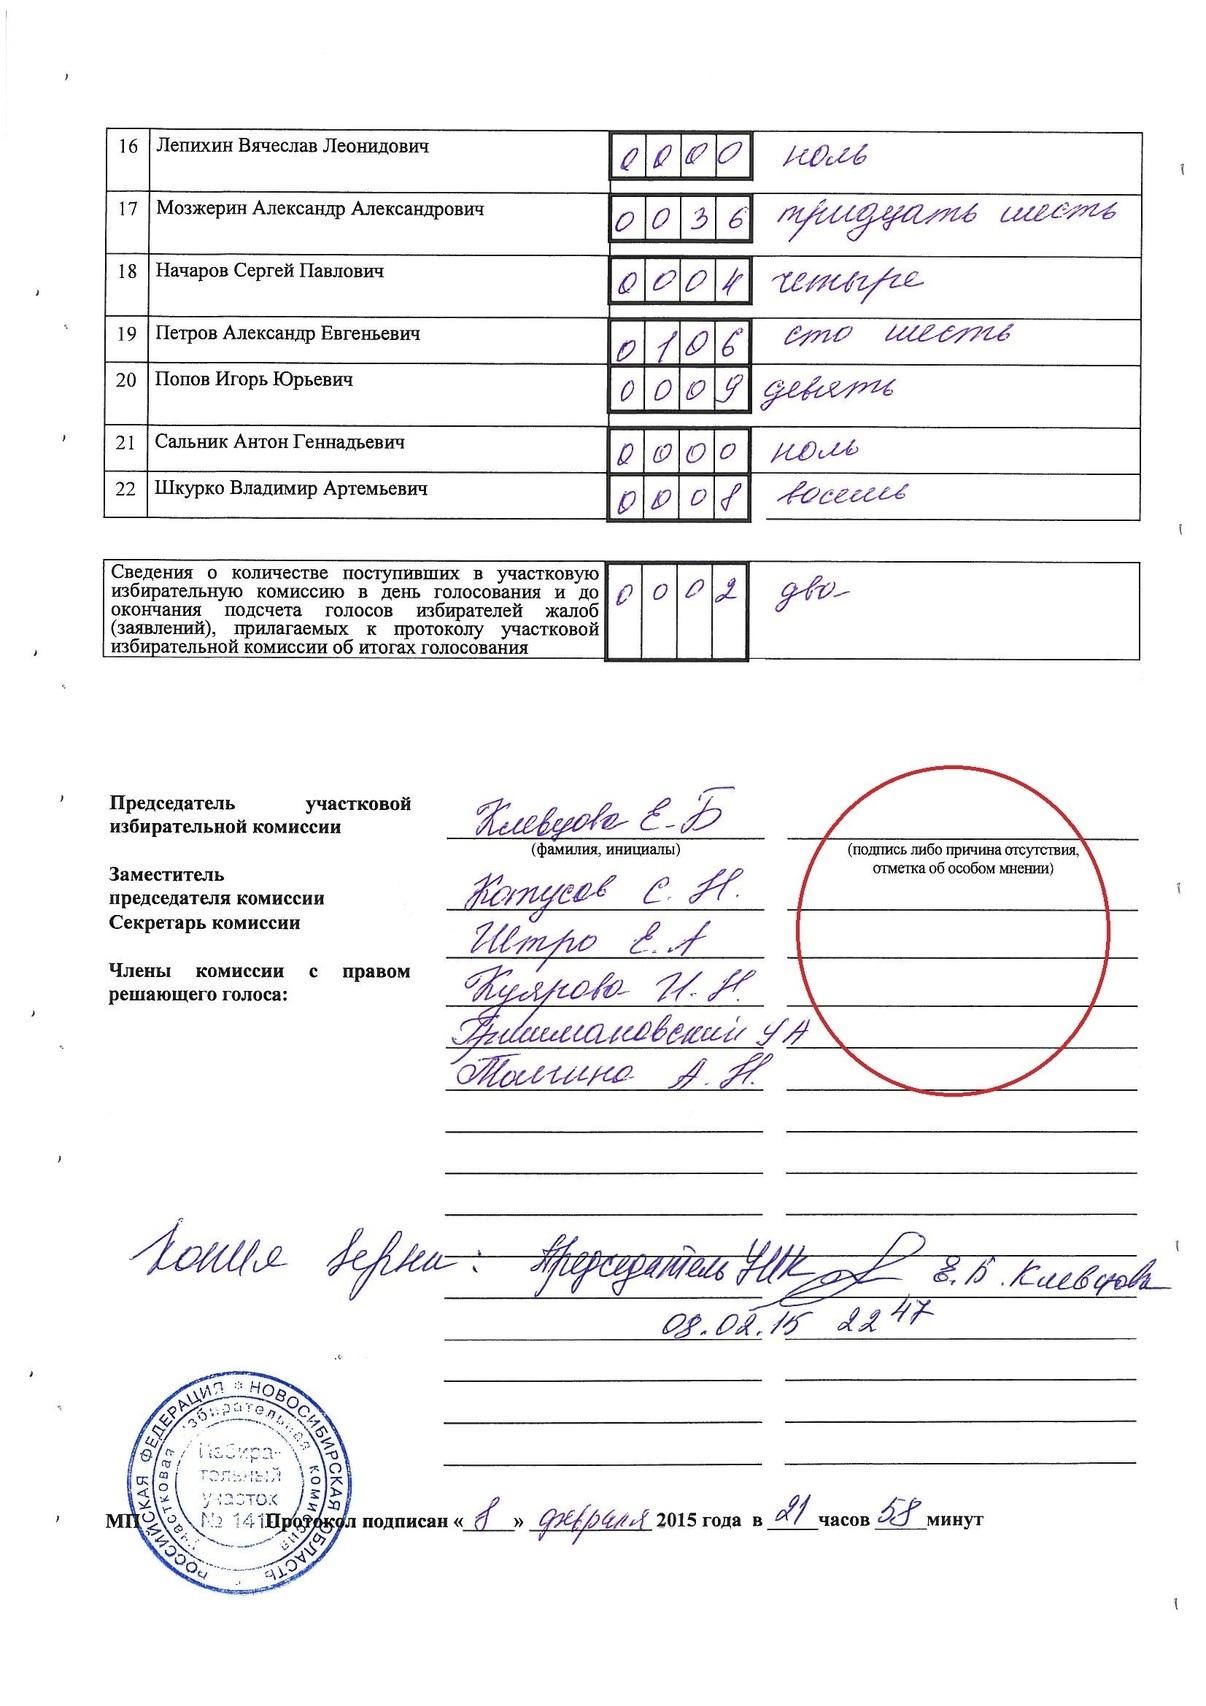 УИК №1419_2